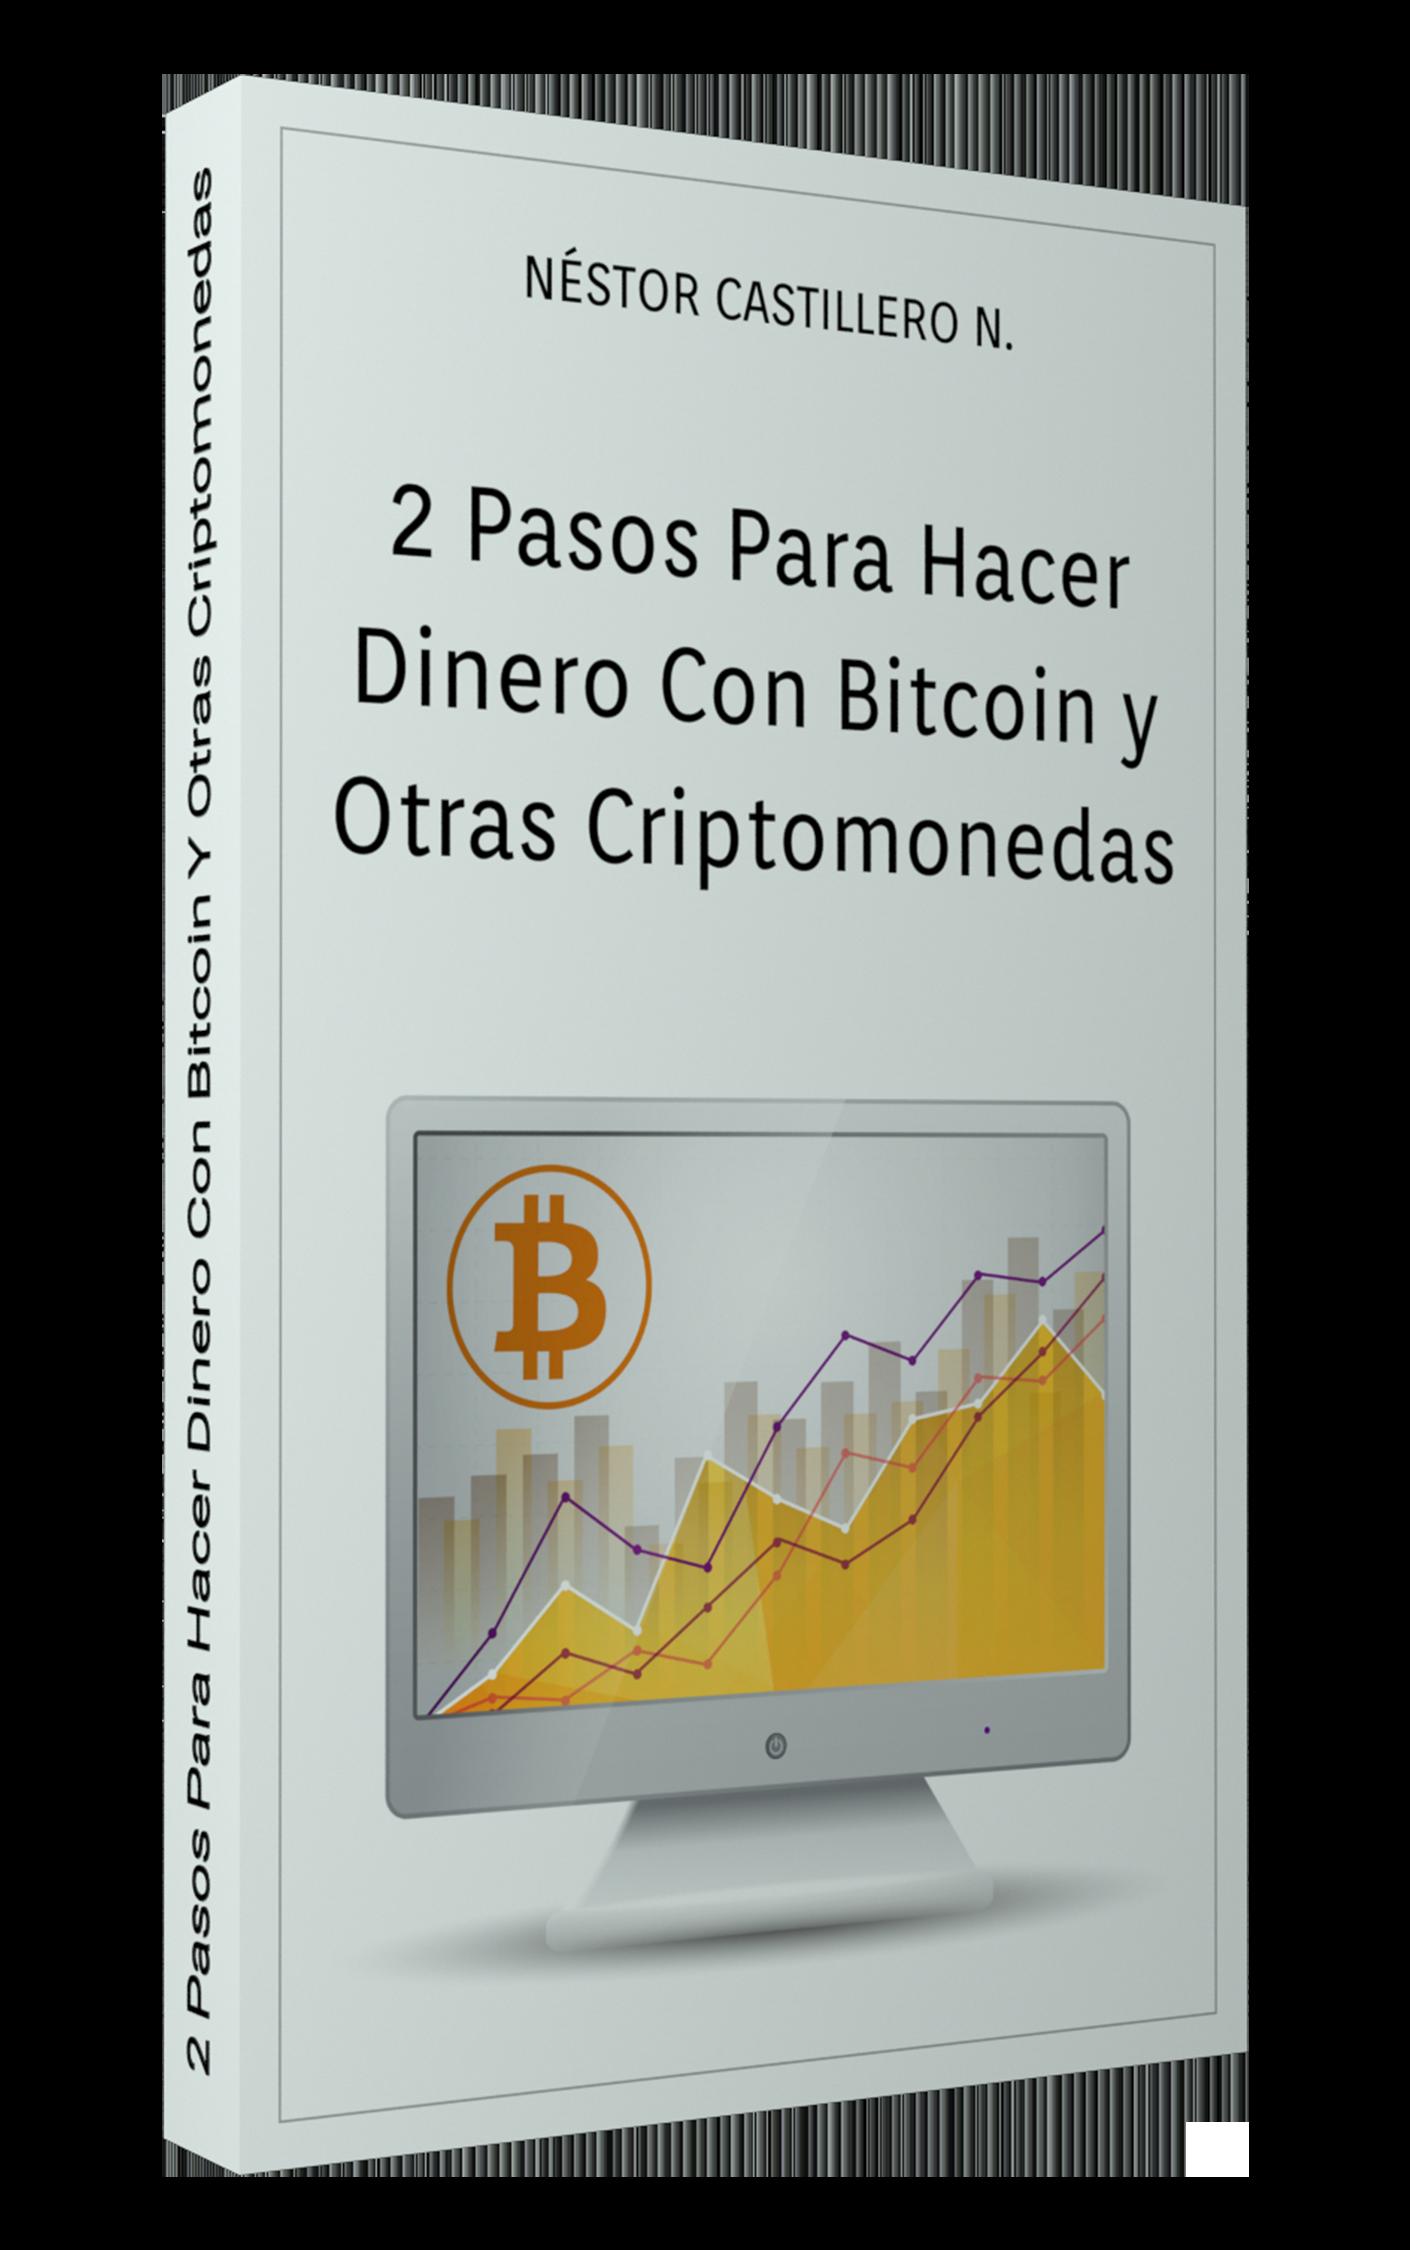 2 Pasos Para Hacer Dinero Con Bitcoin y Otras Criptomonedas